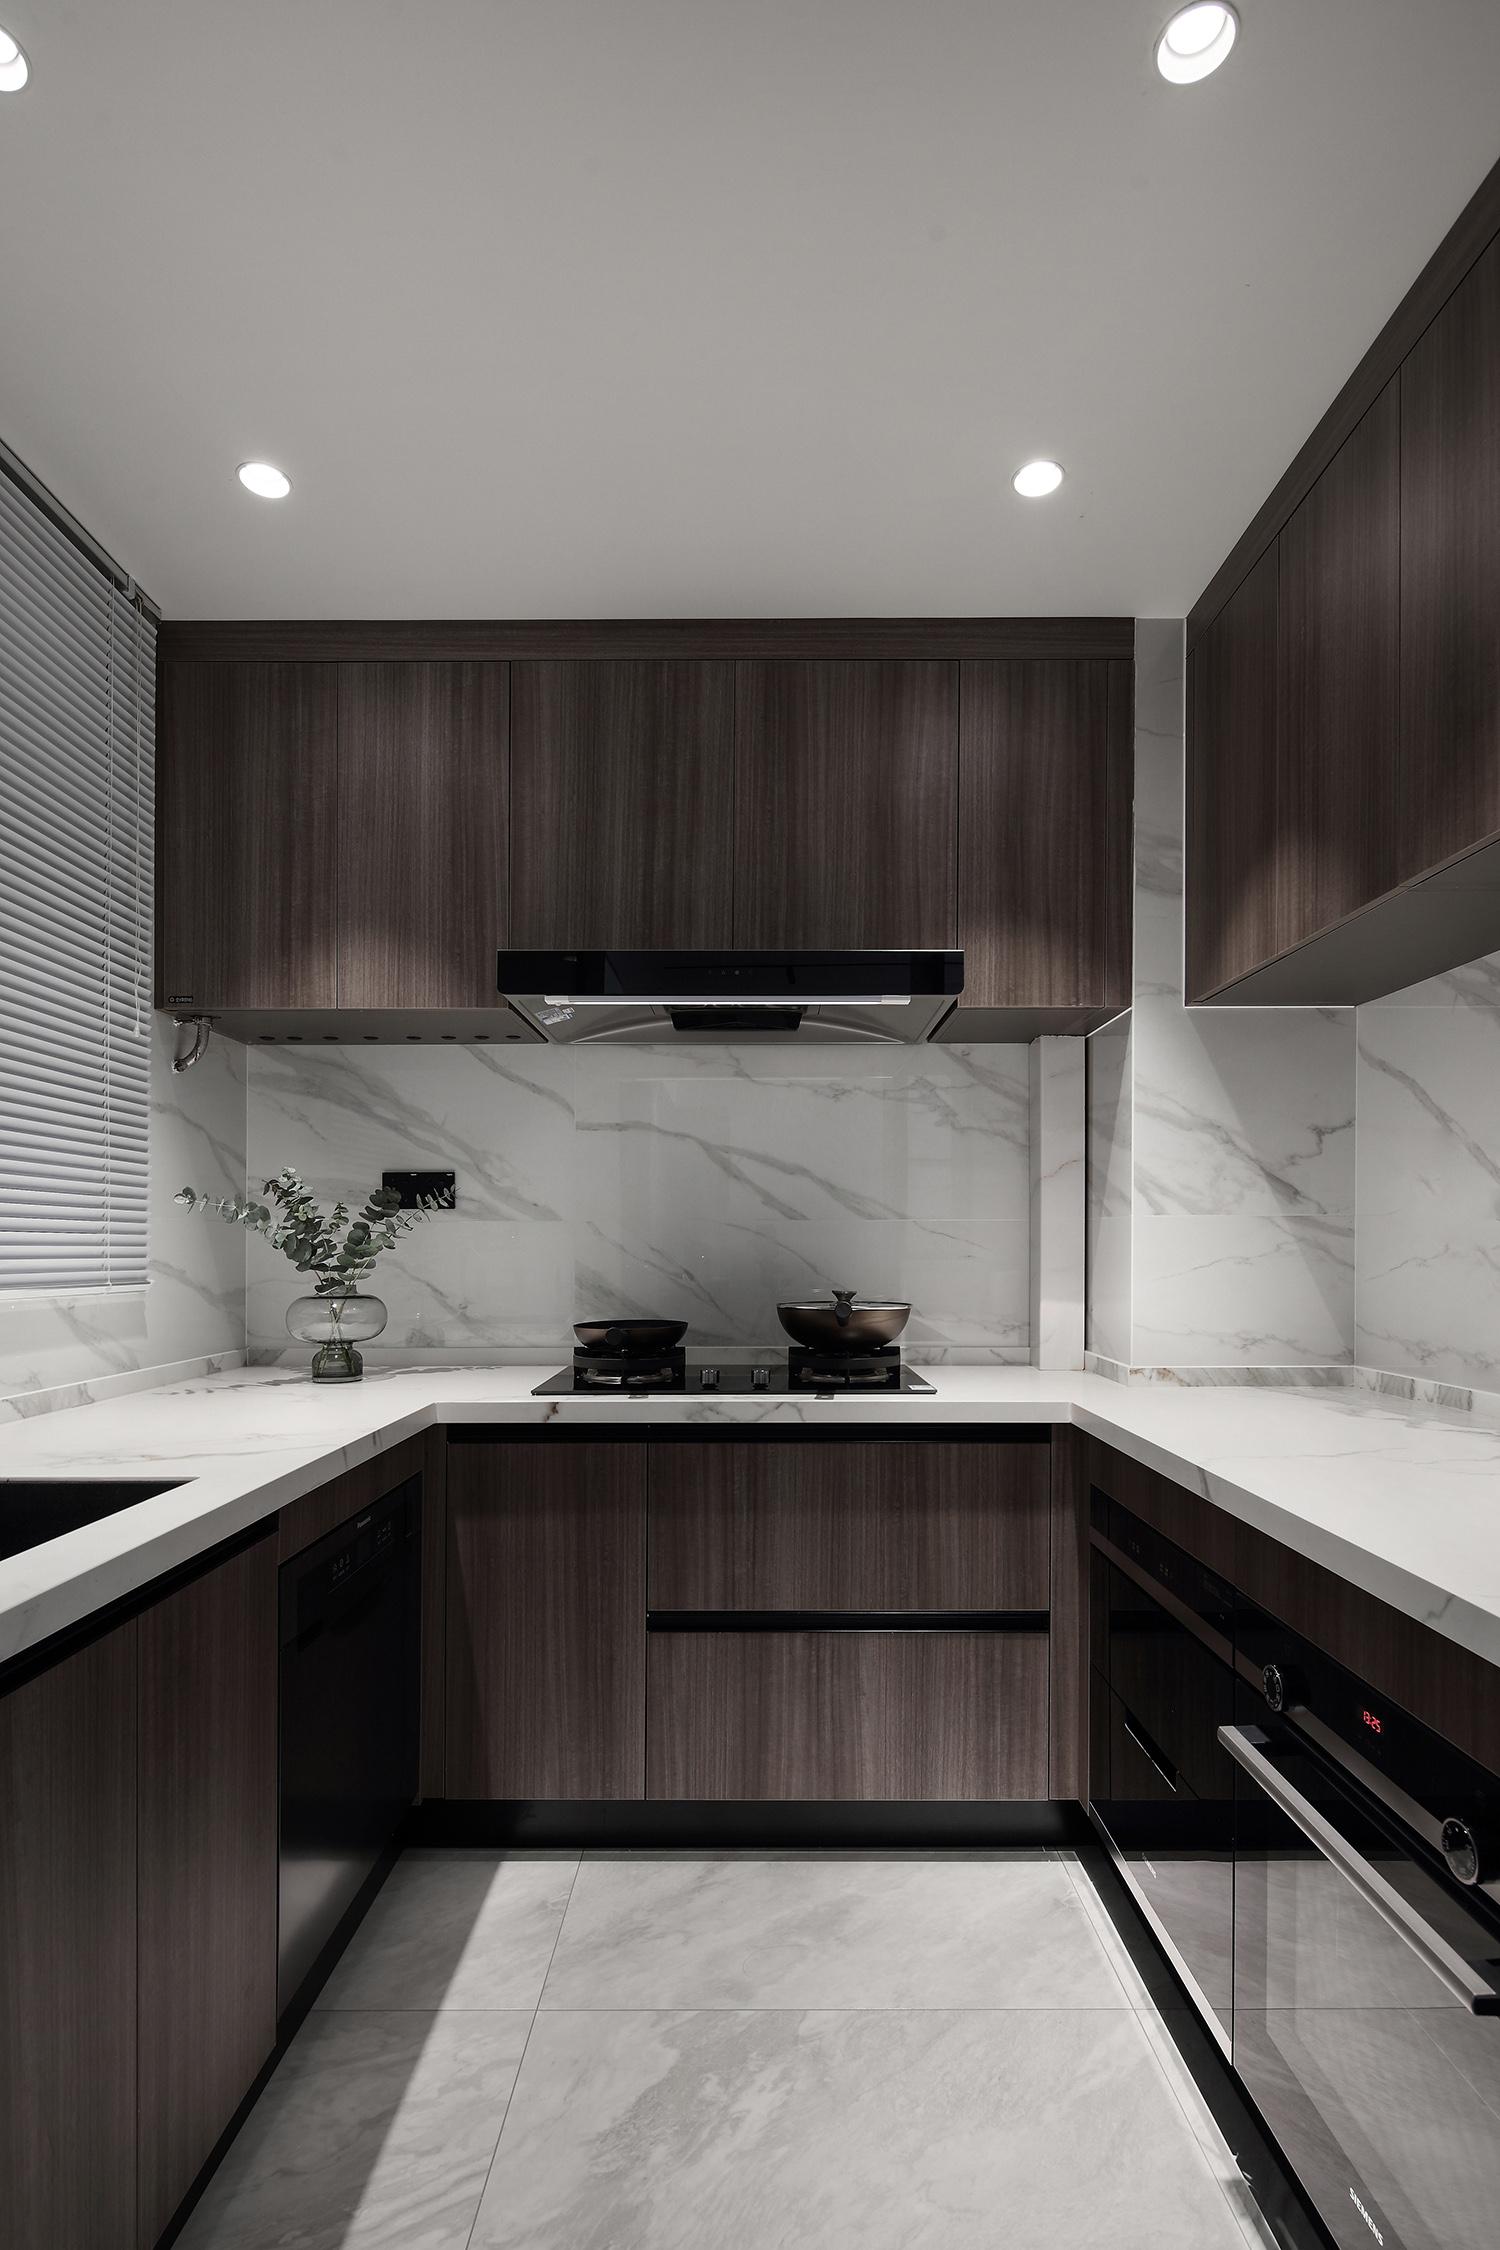 木質櫥櫃設計彰顯出空間的輕奢和時尚,同時,在光線的烘托中,空間更加明亮。